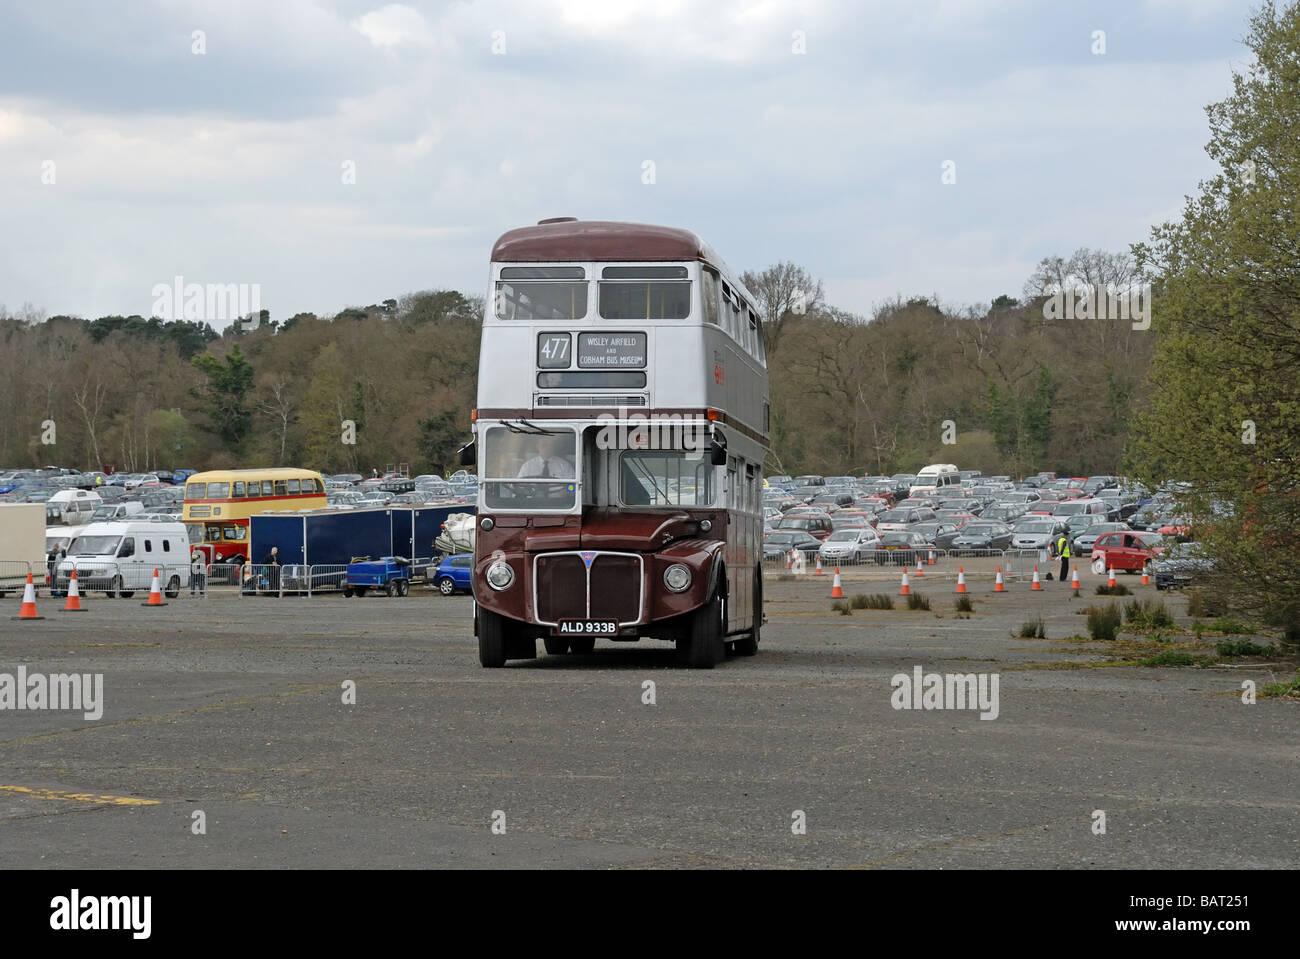 Dreiviertel Vorderansicht des ALD 933B 1964 AEC Routemaster RM 1933 Teil der East London Heritage Route Flotte als Stockbild